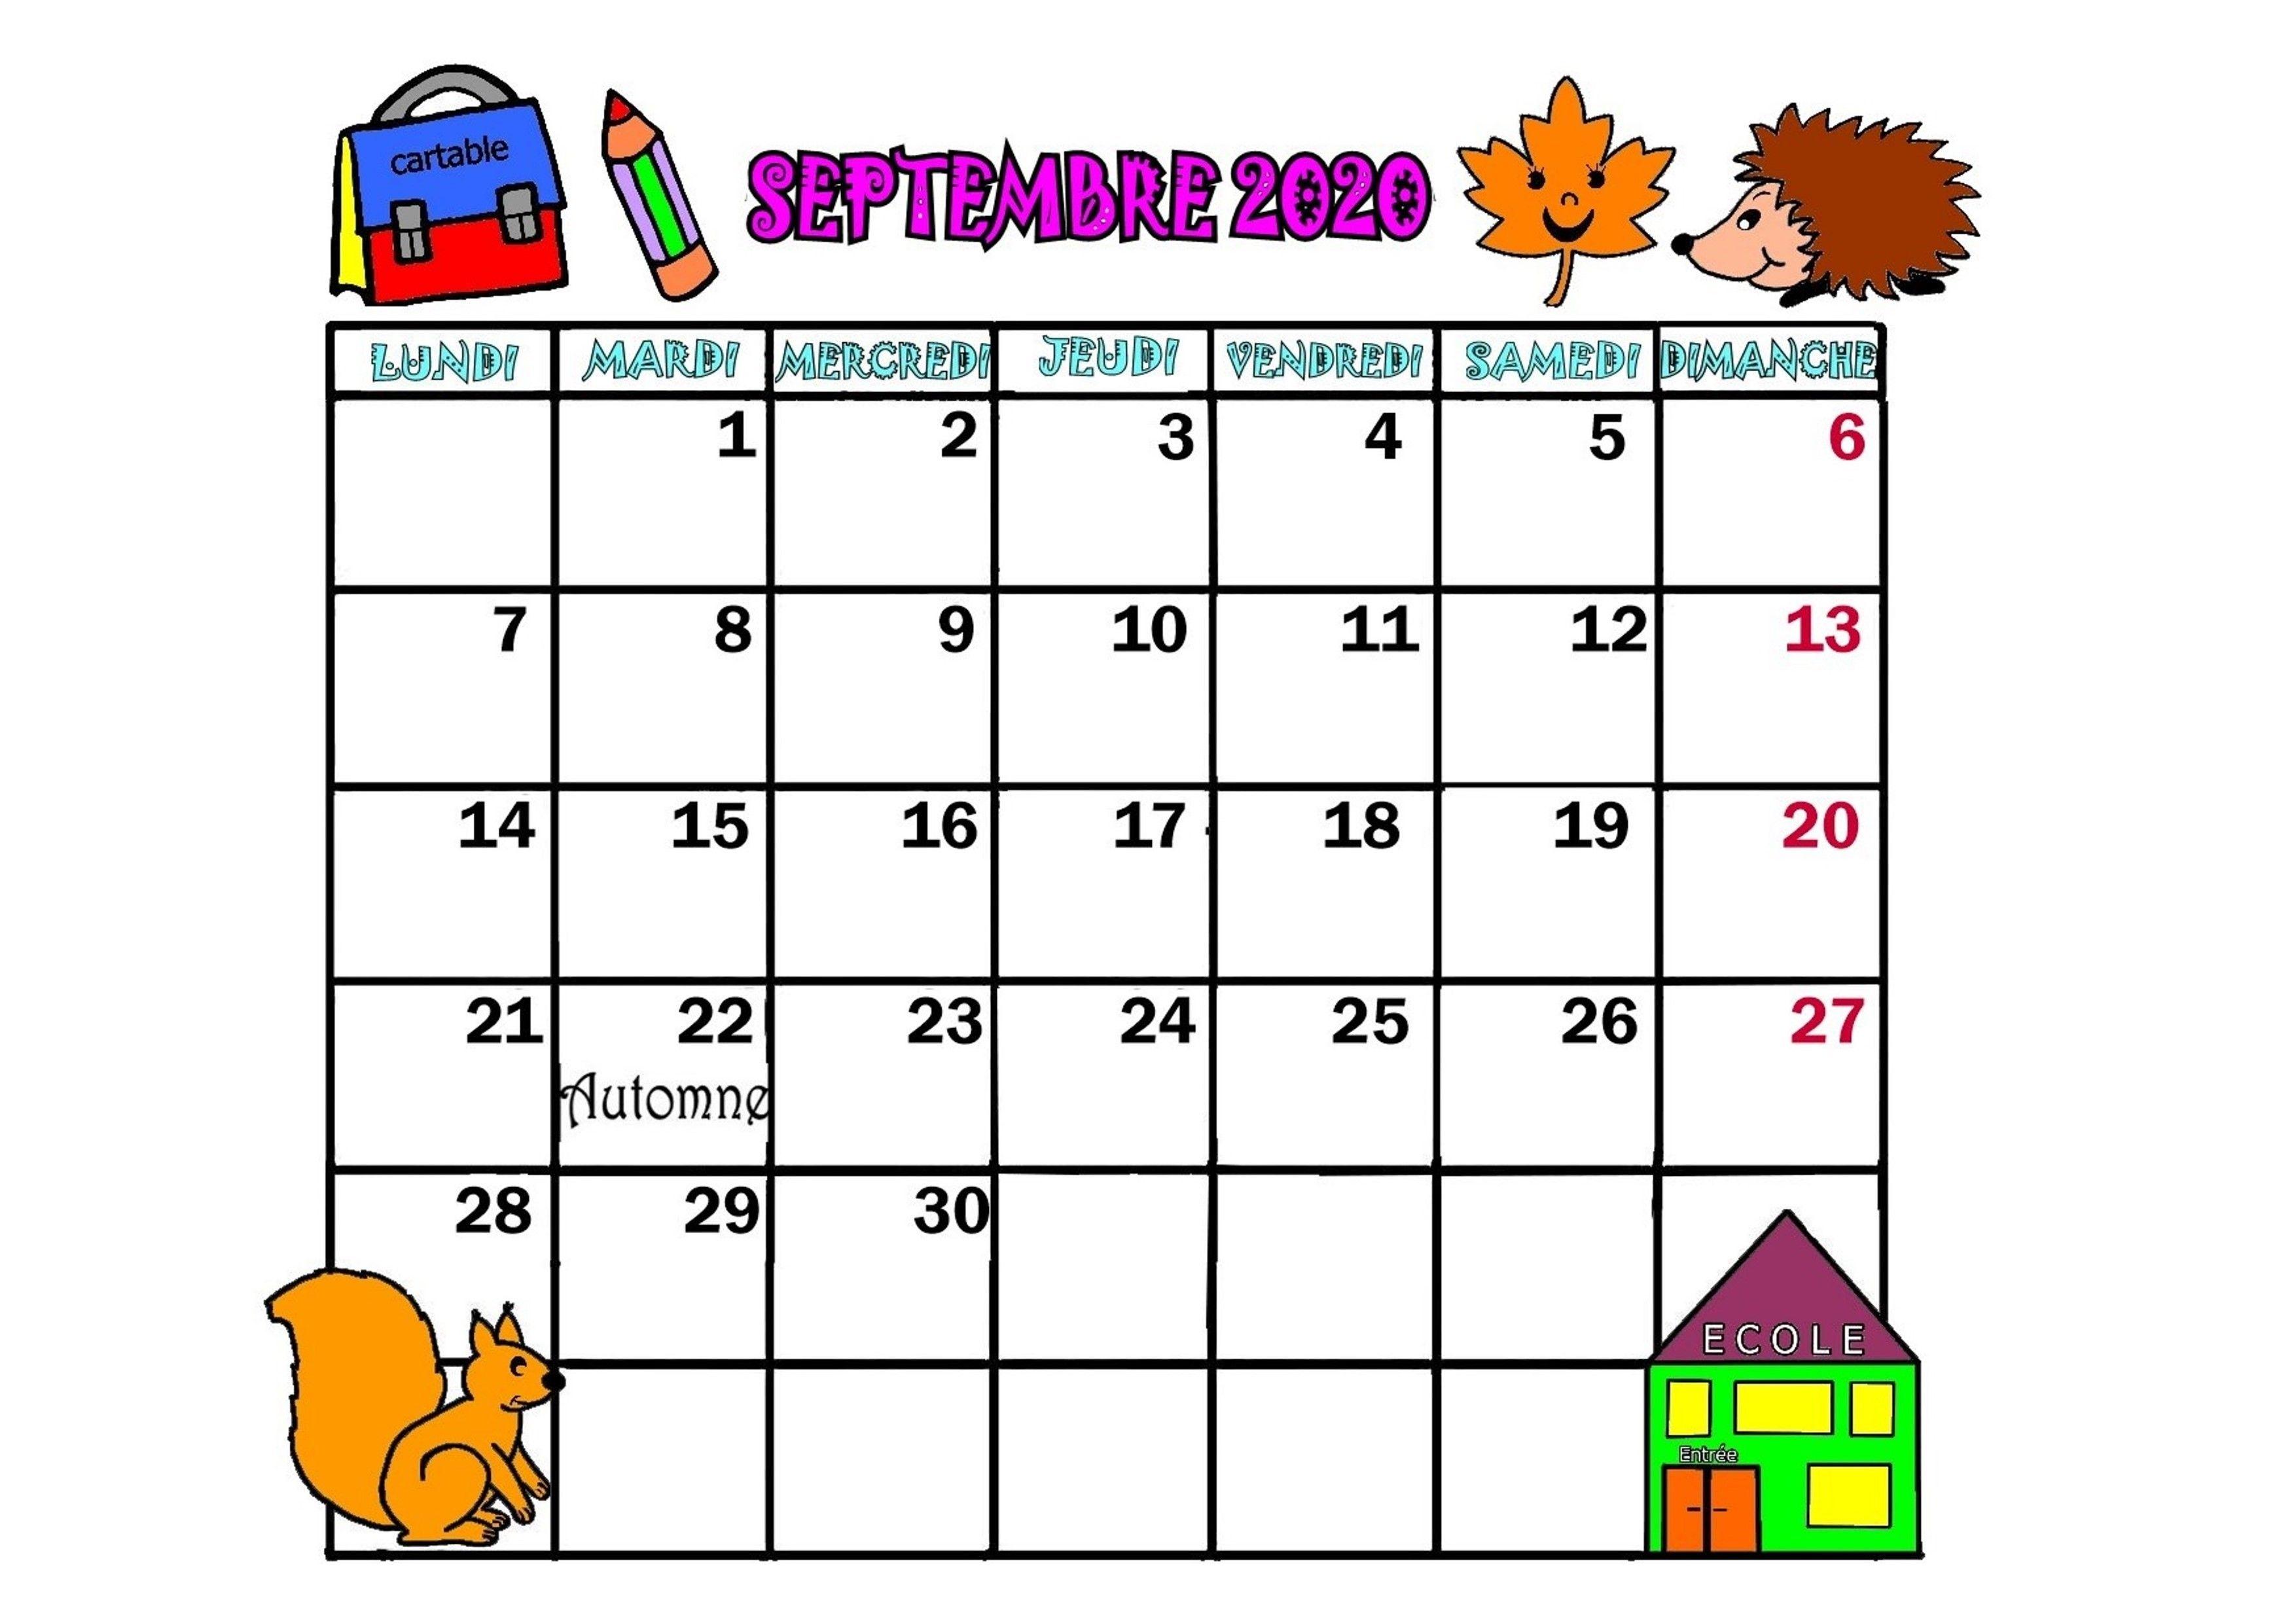 Calendrier Mois De Septembre.Calendrier Annee 2020 Mois De Septembre